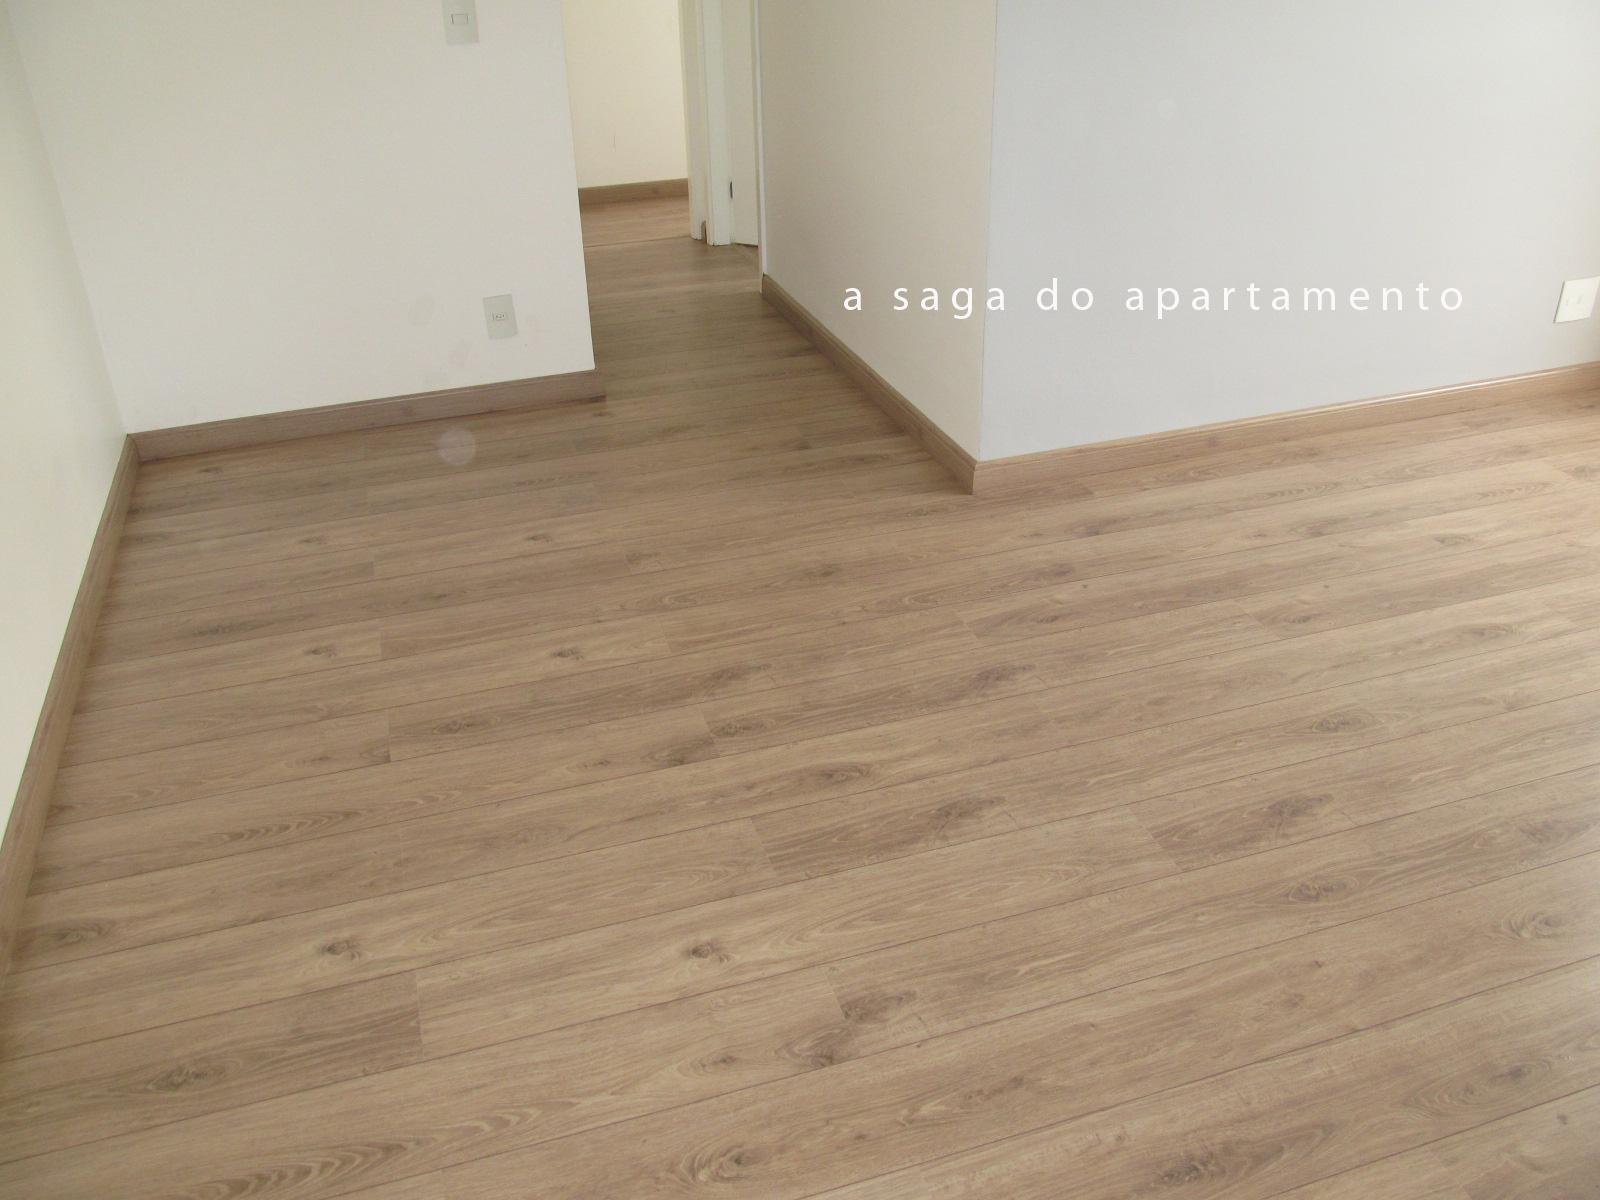 Pisos laminados durafloor pre os e fotos decorando casas - Colocar piso vinilico ...